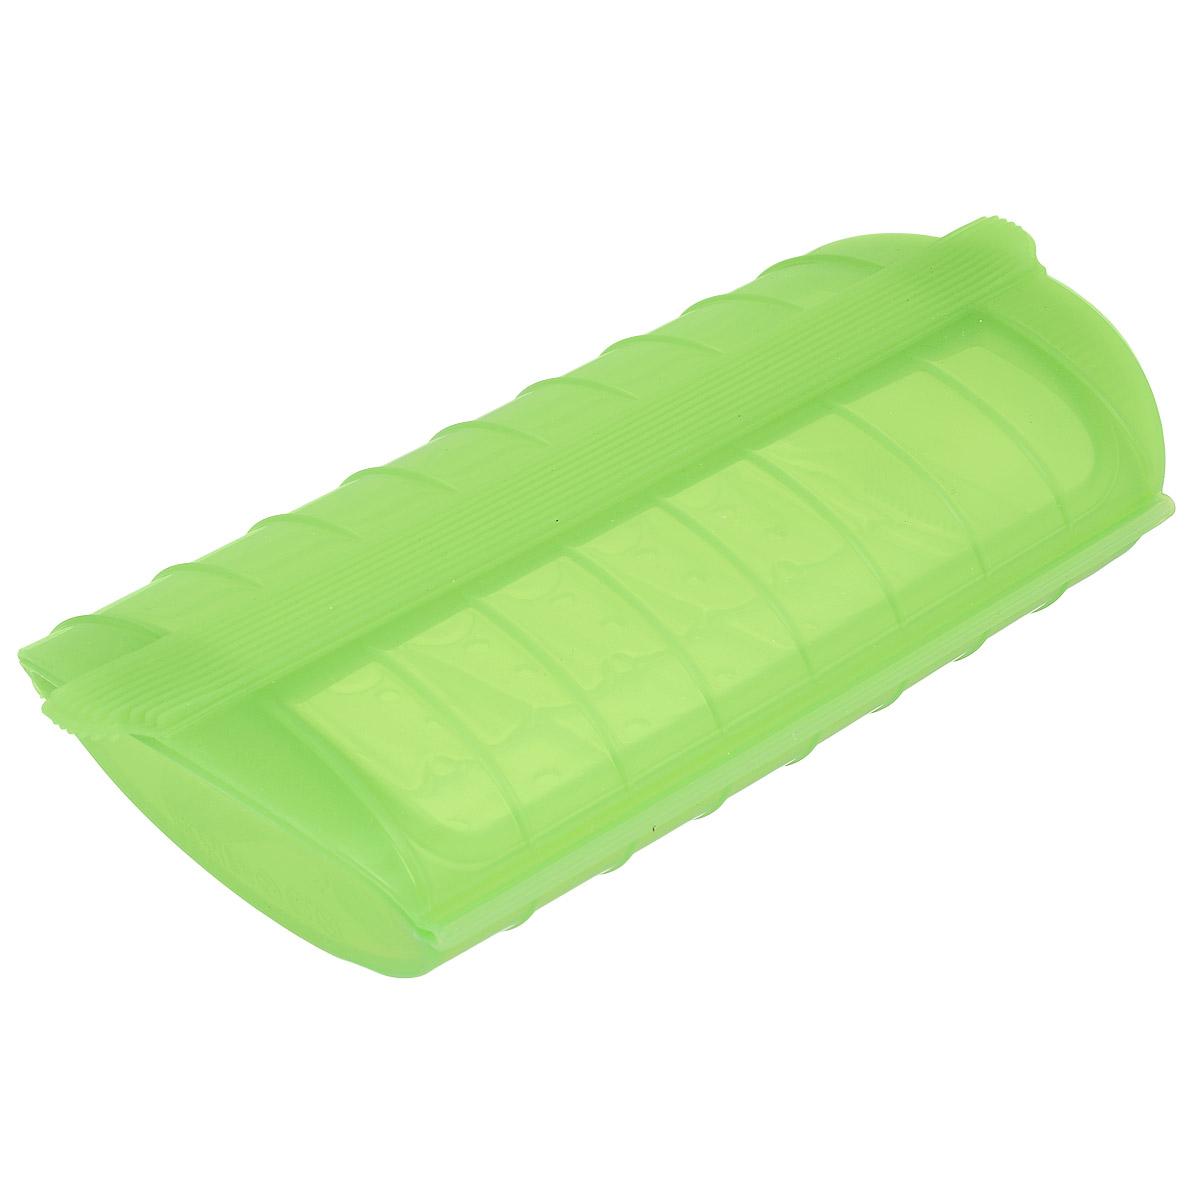 Конверт для запекания Lekue, силиконовый, цвет: салатовый300180_синийКонверт для запекания Lekue изготовлен из высококачественного пищевого силикона, который выдерживает температуру от -60°С до +220°С. Благодаря особым свойствам силикона, продукты остаются такими же сочными, не пригорают и равномерно пропекаются. Конверт делает оптимальным приготовление пищевых продуктов, делая более интенсивным вкус каждого из них и сохраняя все содержащиеся в них питательные вещества. Для конверта предусмотрен съемный внутренний поддон-решетка, который позволит стечь лишнему жиру и соку во время размораживания, хранения и приготовления. Приготовление пищи можно производить с поддоном или без него, в зависимости от желаемого результата. Конверт закрывается, поэтому жир не разбрызгивается по стенкам духовки. Приготовленное блюдо легко вынимается из конверта и позволяет приготовить одновременно до четырех порций. Идеально подходит для приготовления мяса, курицы или рыбы. В дополнение к основным достоинствам конверта для запекания с поддоном - он невероятно практичен и легко моется как традиционным способом, так и в посудомоечной машине. Можно использовать в духовке и микроволновой печи.